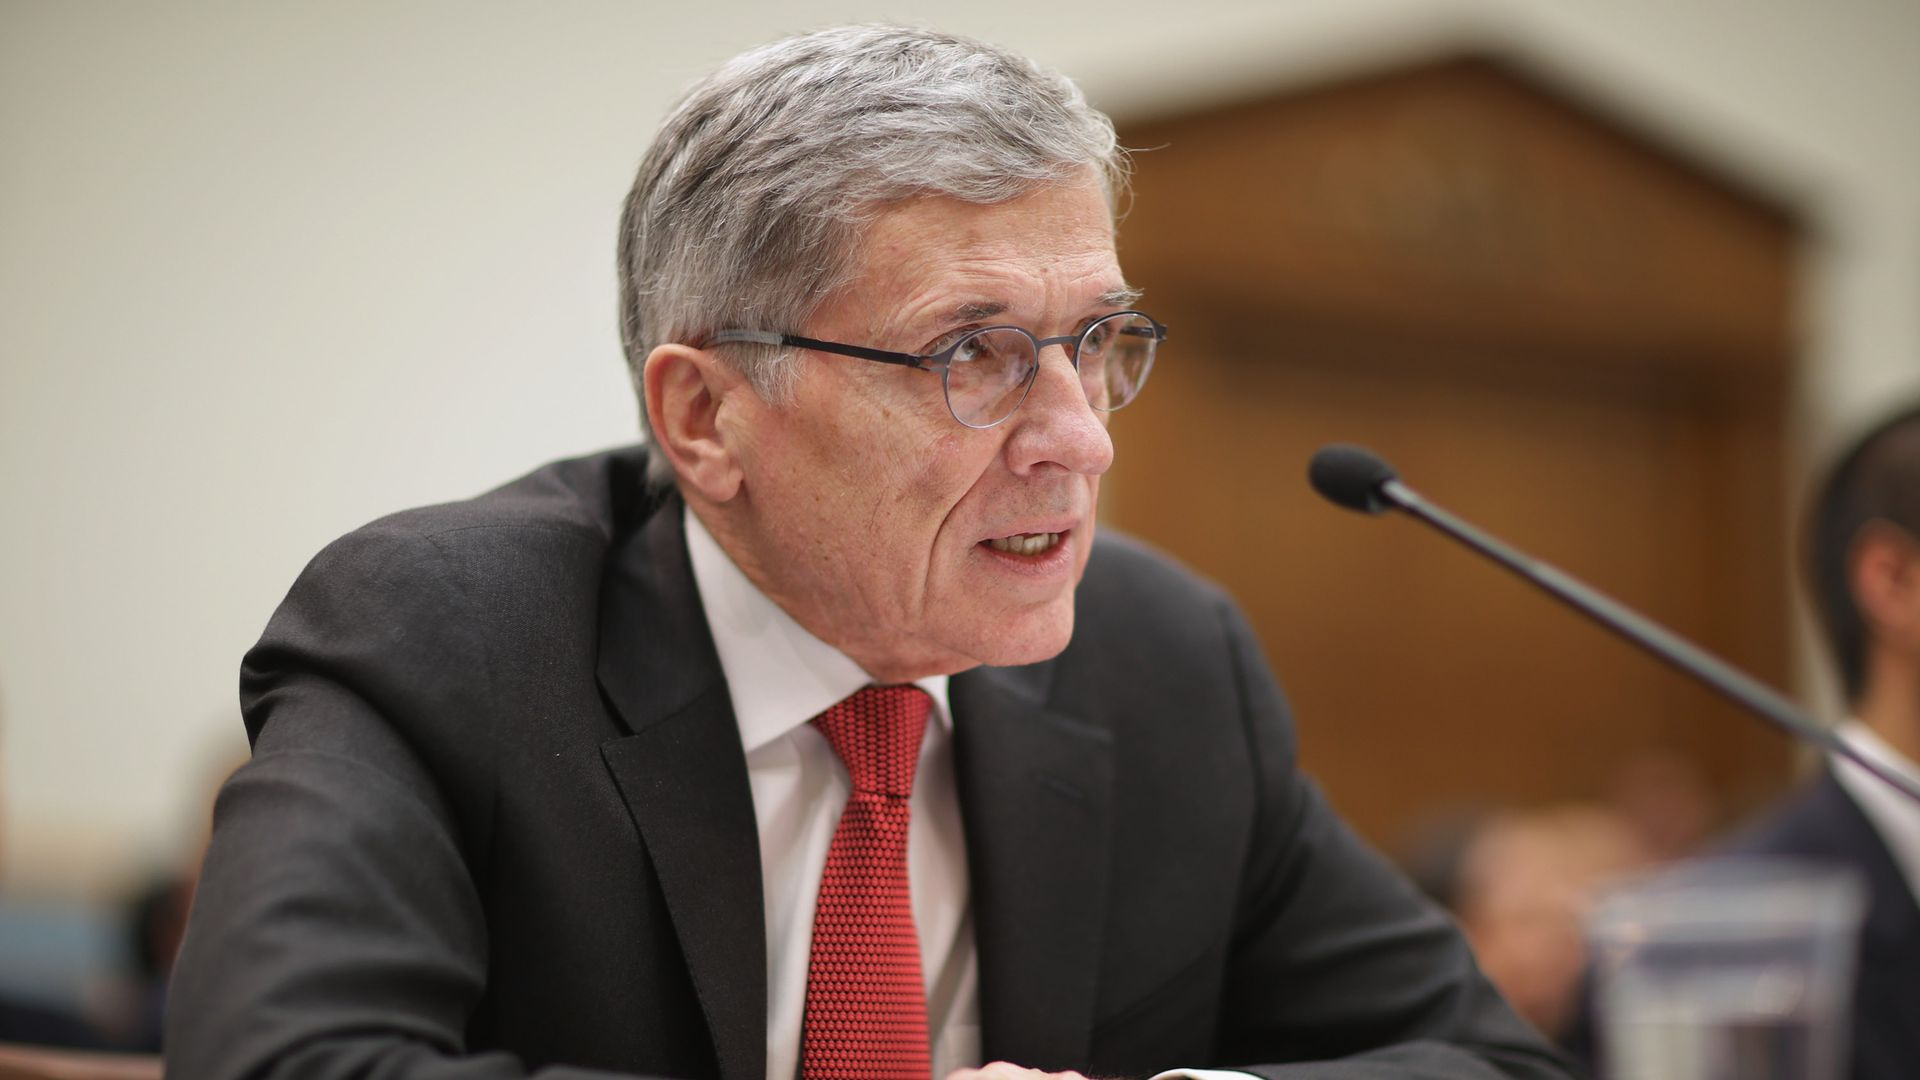 Former FCC Chairman Tom Wheeler